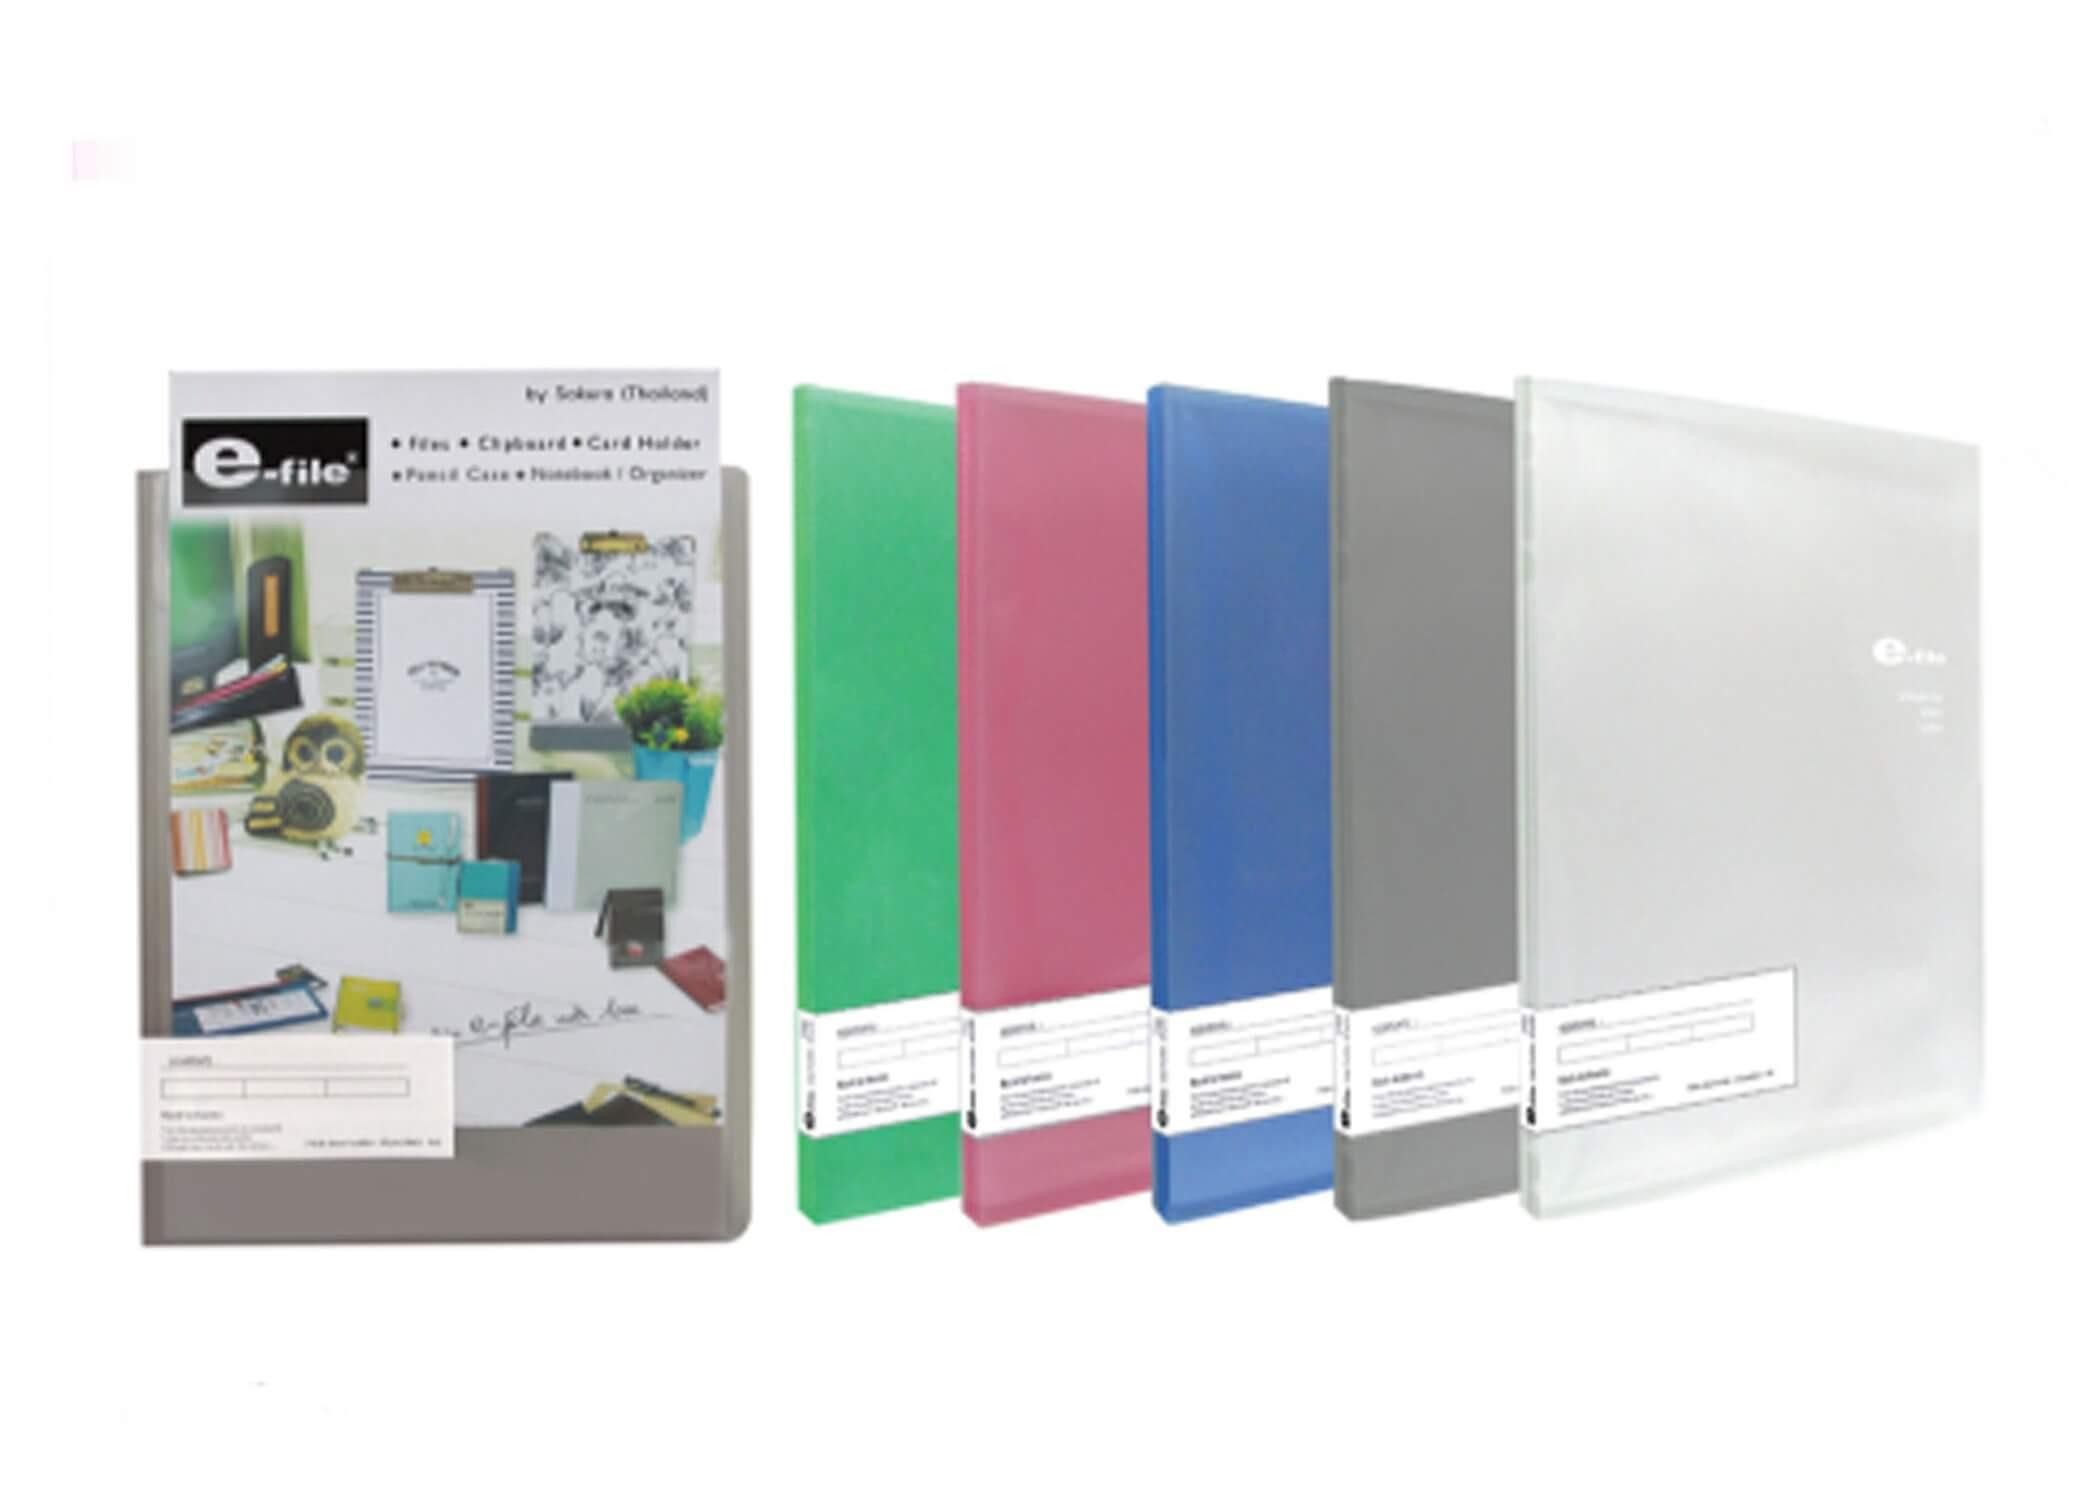 แฟ้มโฮลเดอร์ e-file 720A สีใส